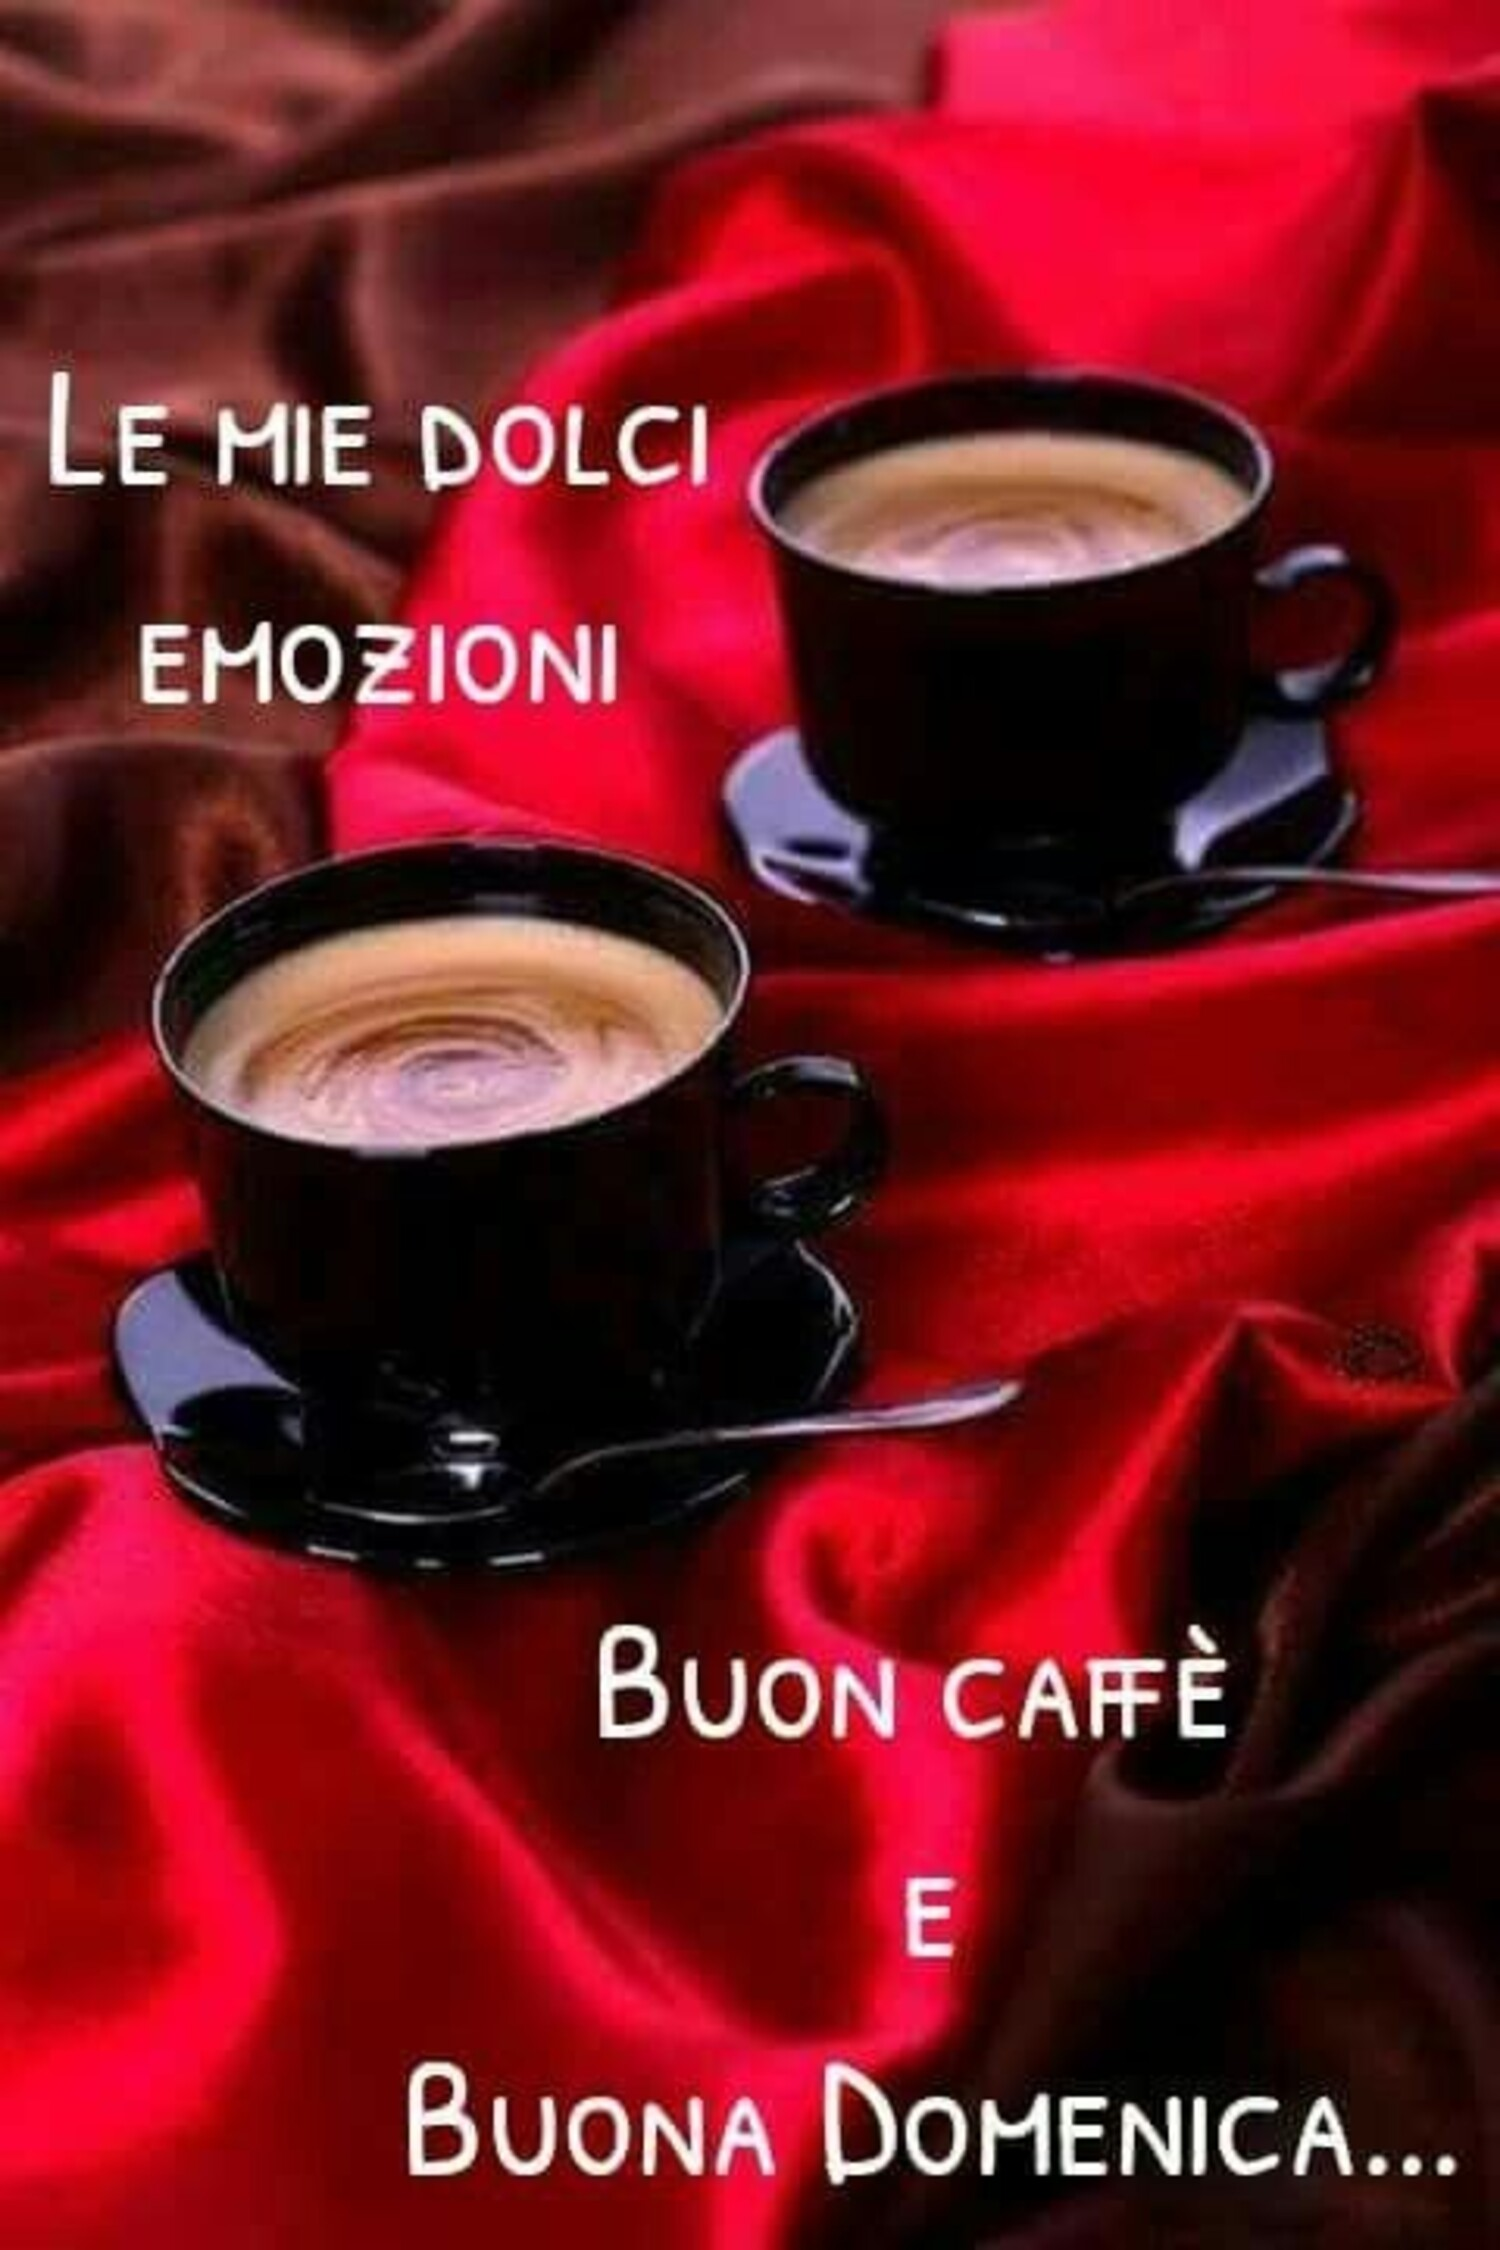 Buon Caffè e Buona Domenica